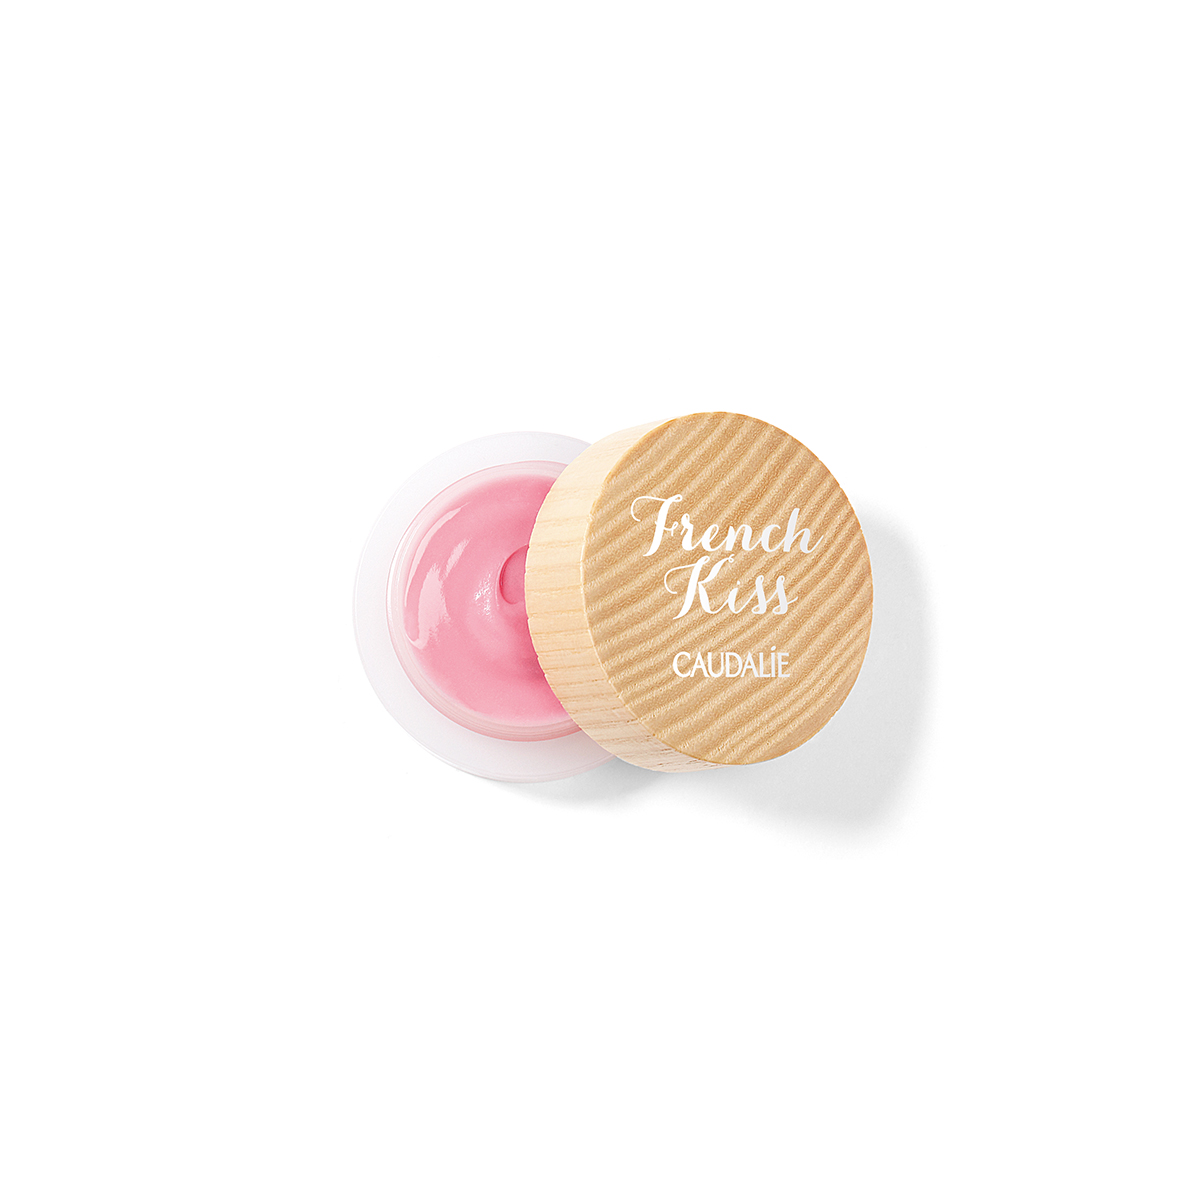 FRENCH KISS 滋潤抗氧護唇彩 嫩粉紅色